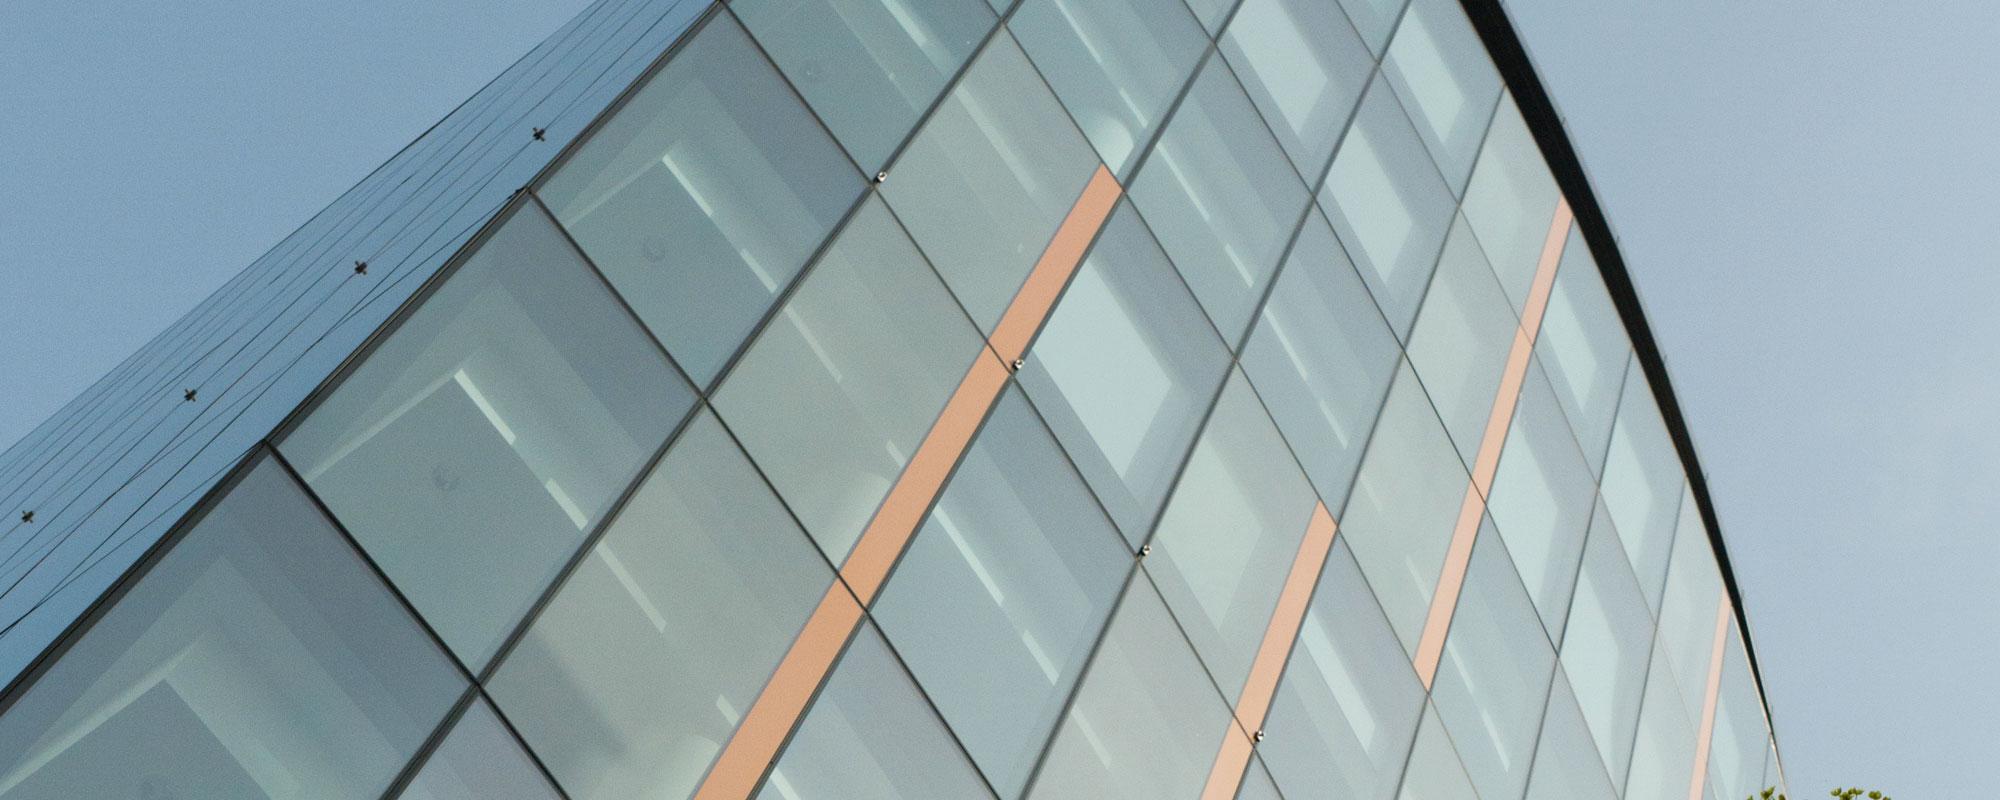 Структурне скління фасадів. Безрамне скління